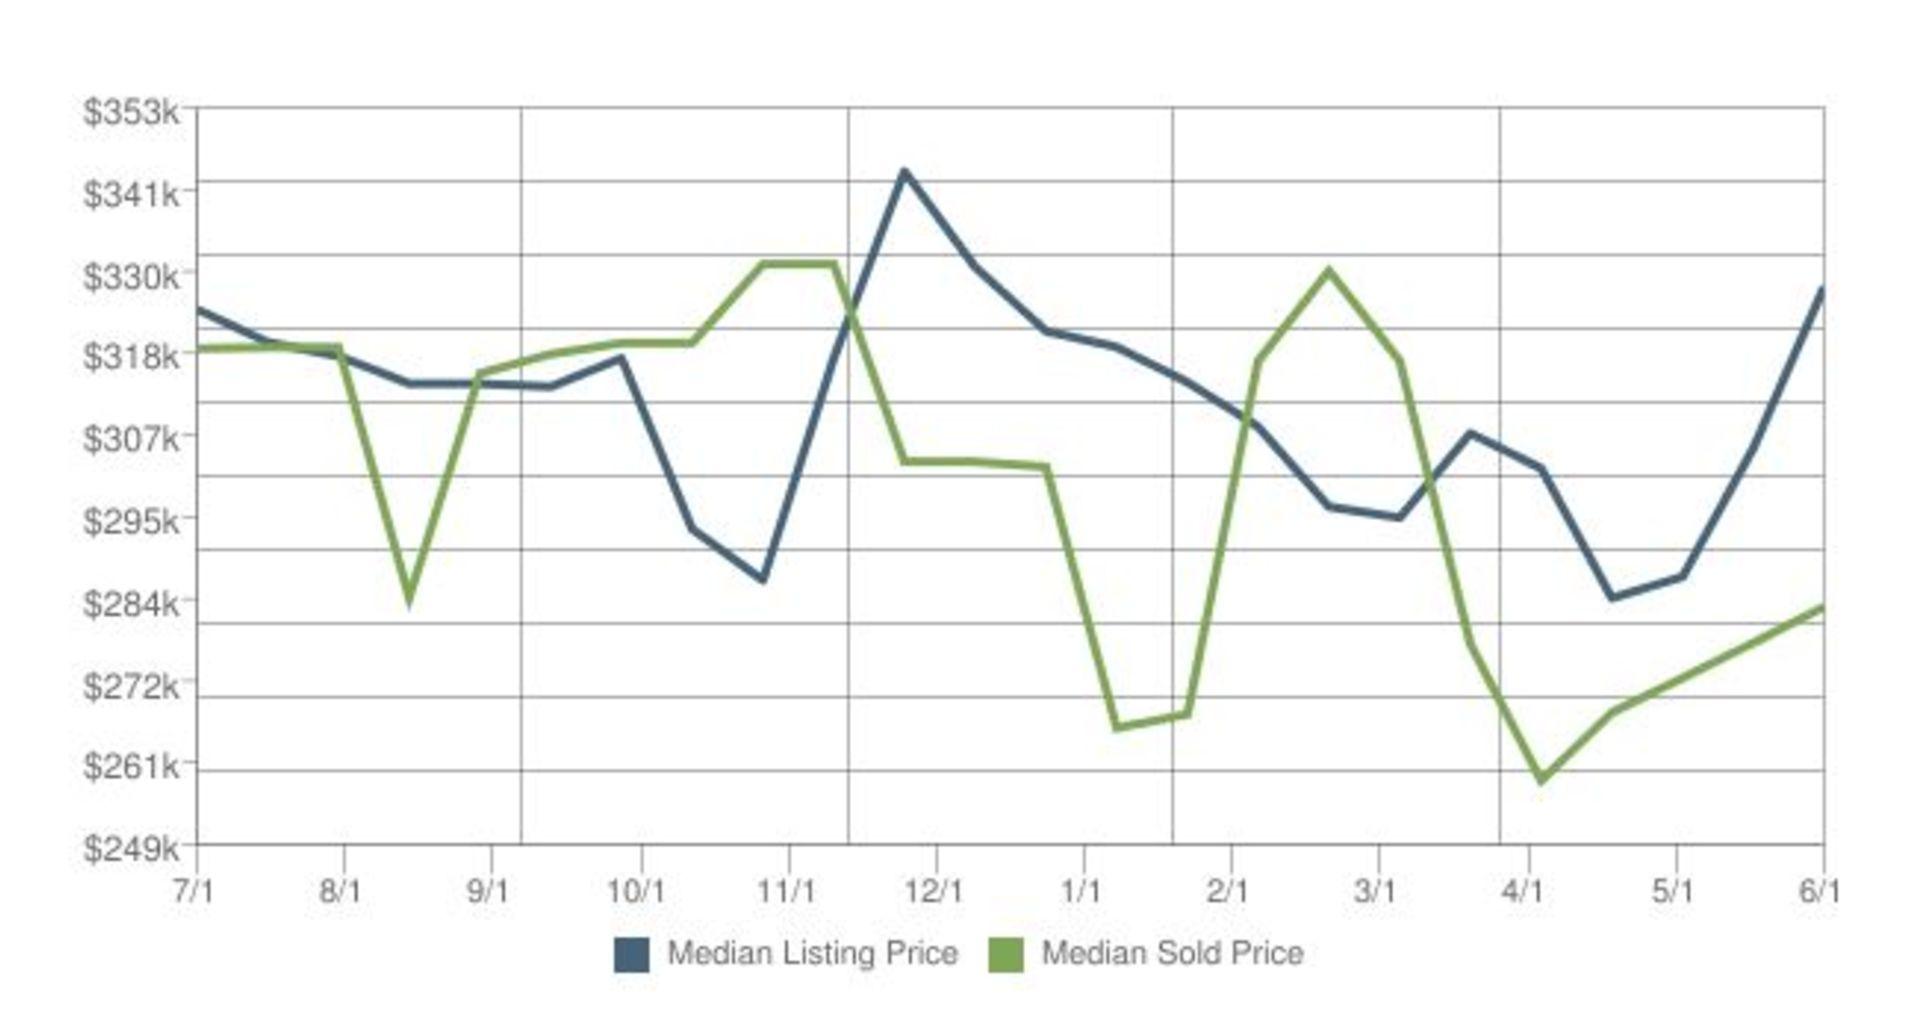 Home Prices in Kodiak Alaska for June 2016